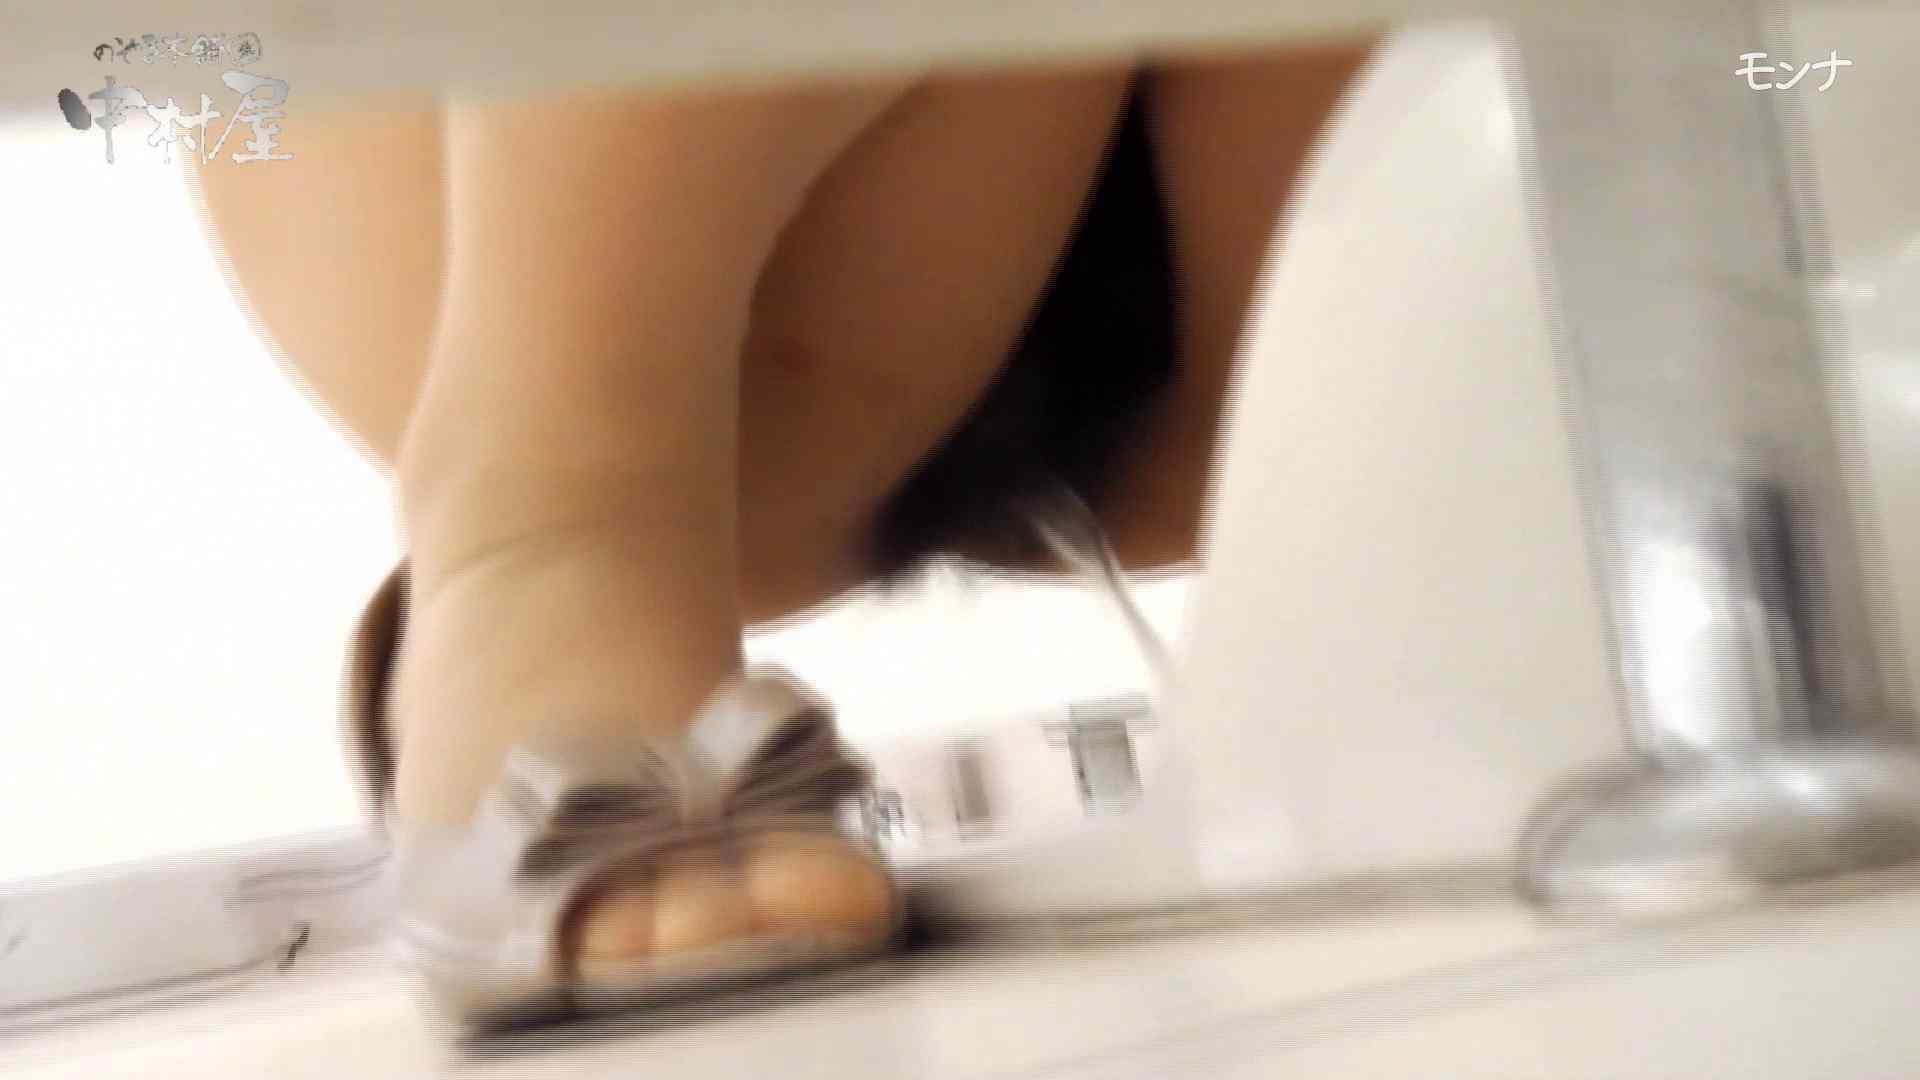 美しい日本の未来 No.49 何があった?カメラ持ちながらみんなの前に!潜り抜け 前編 盗撮シリーズ  110PIX 98